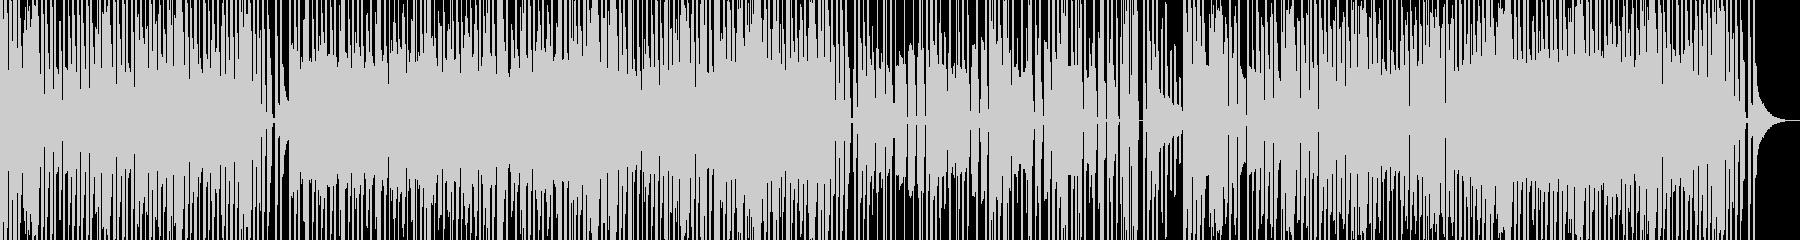 弾力性あるレトロなゲーム風サウンドの未再生の波形